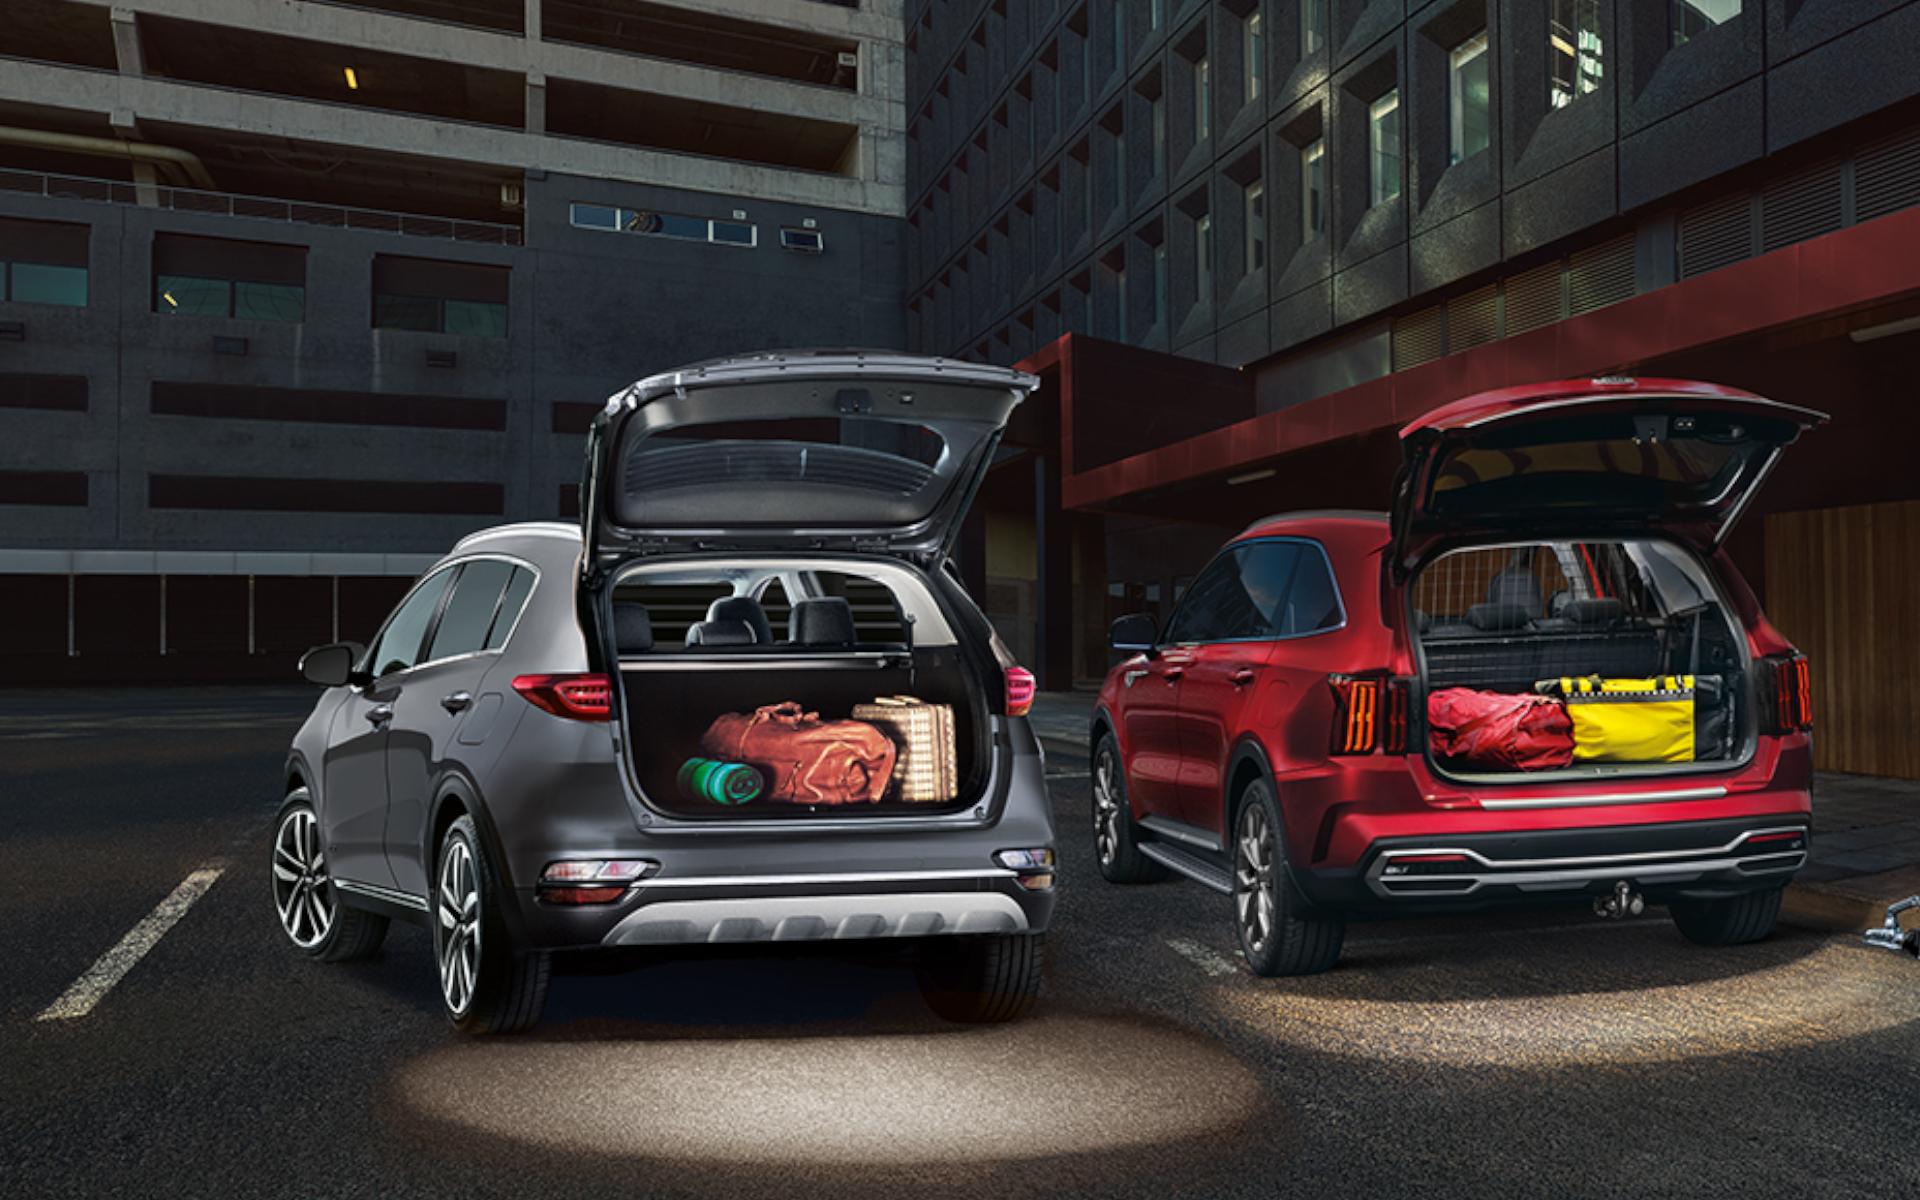 Bild Kia SUV in grau und rot mit geöffneter Heckklappe inklusive LED-Kofferraum- und Heckklappenbeleuchtung